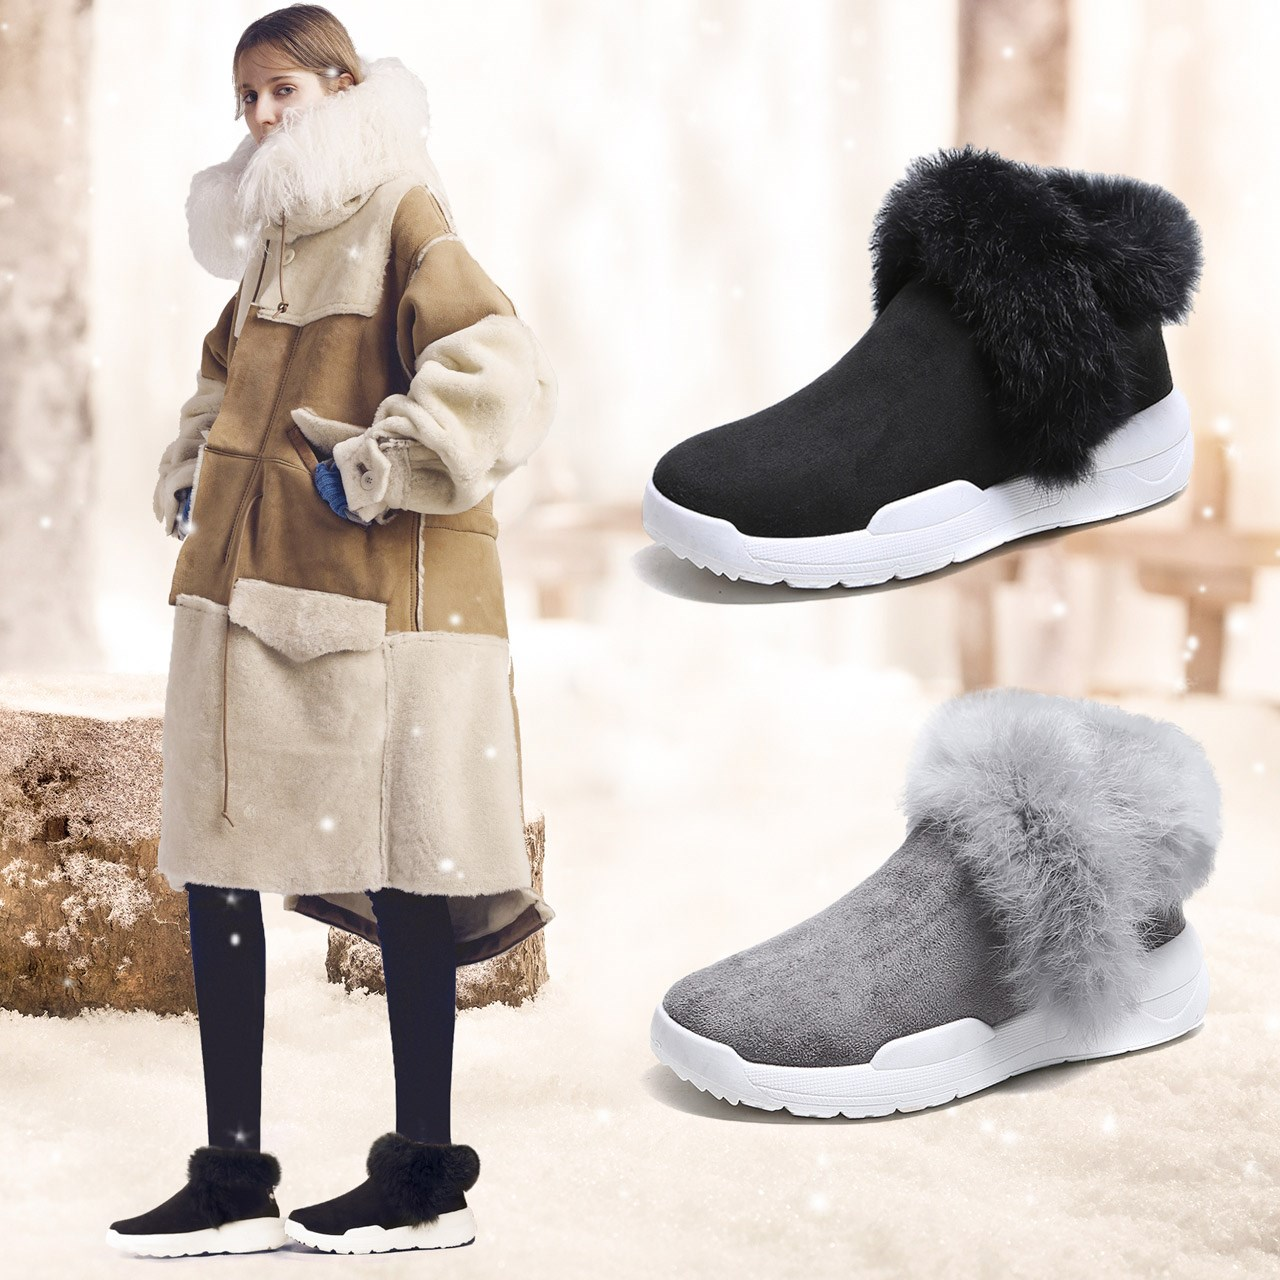 美着新款街拍女鞋短筒雪地靴